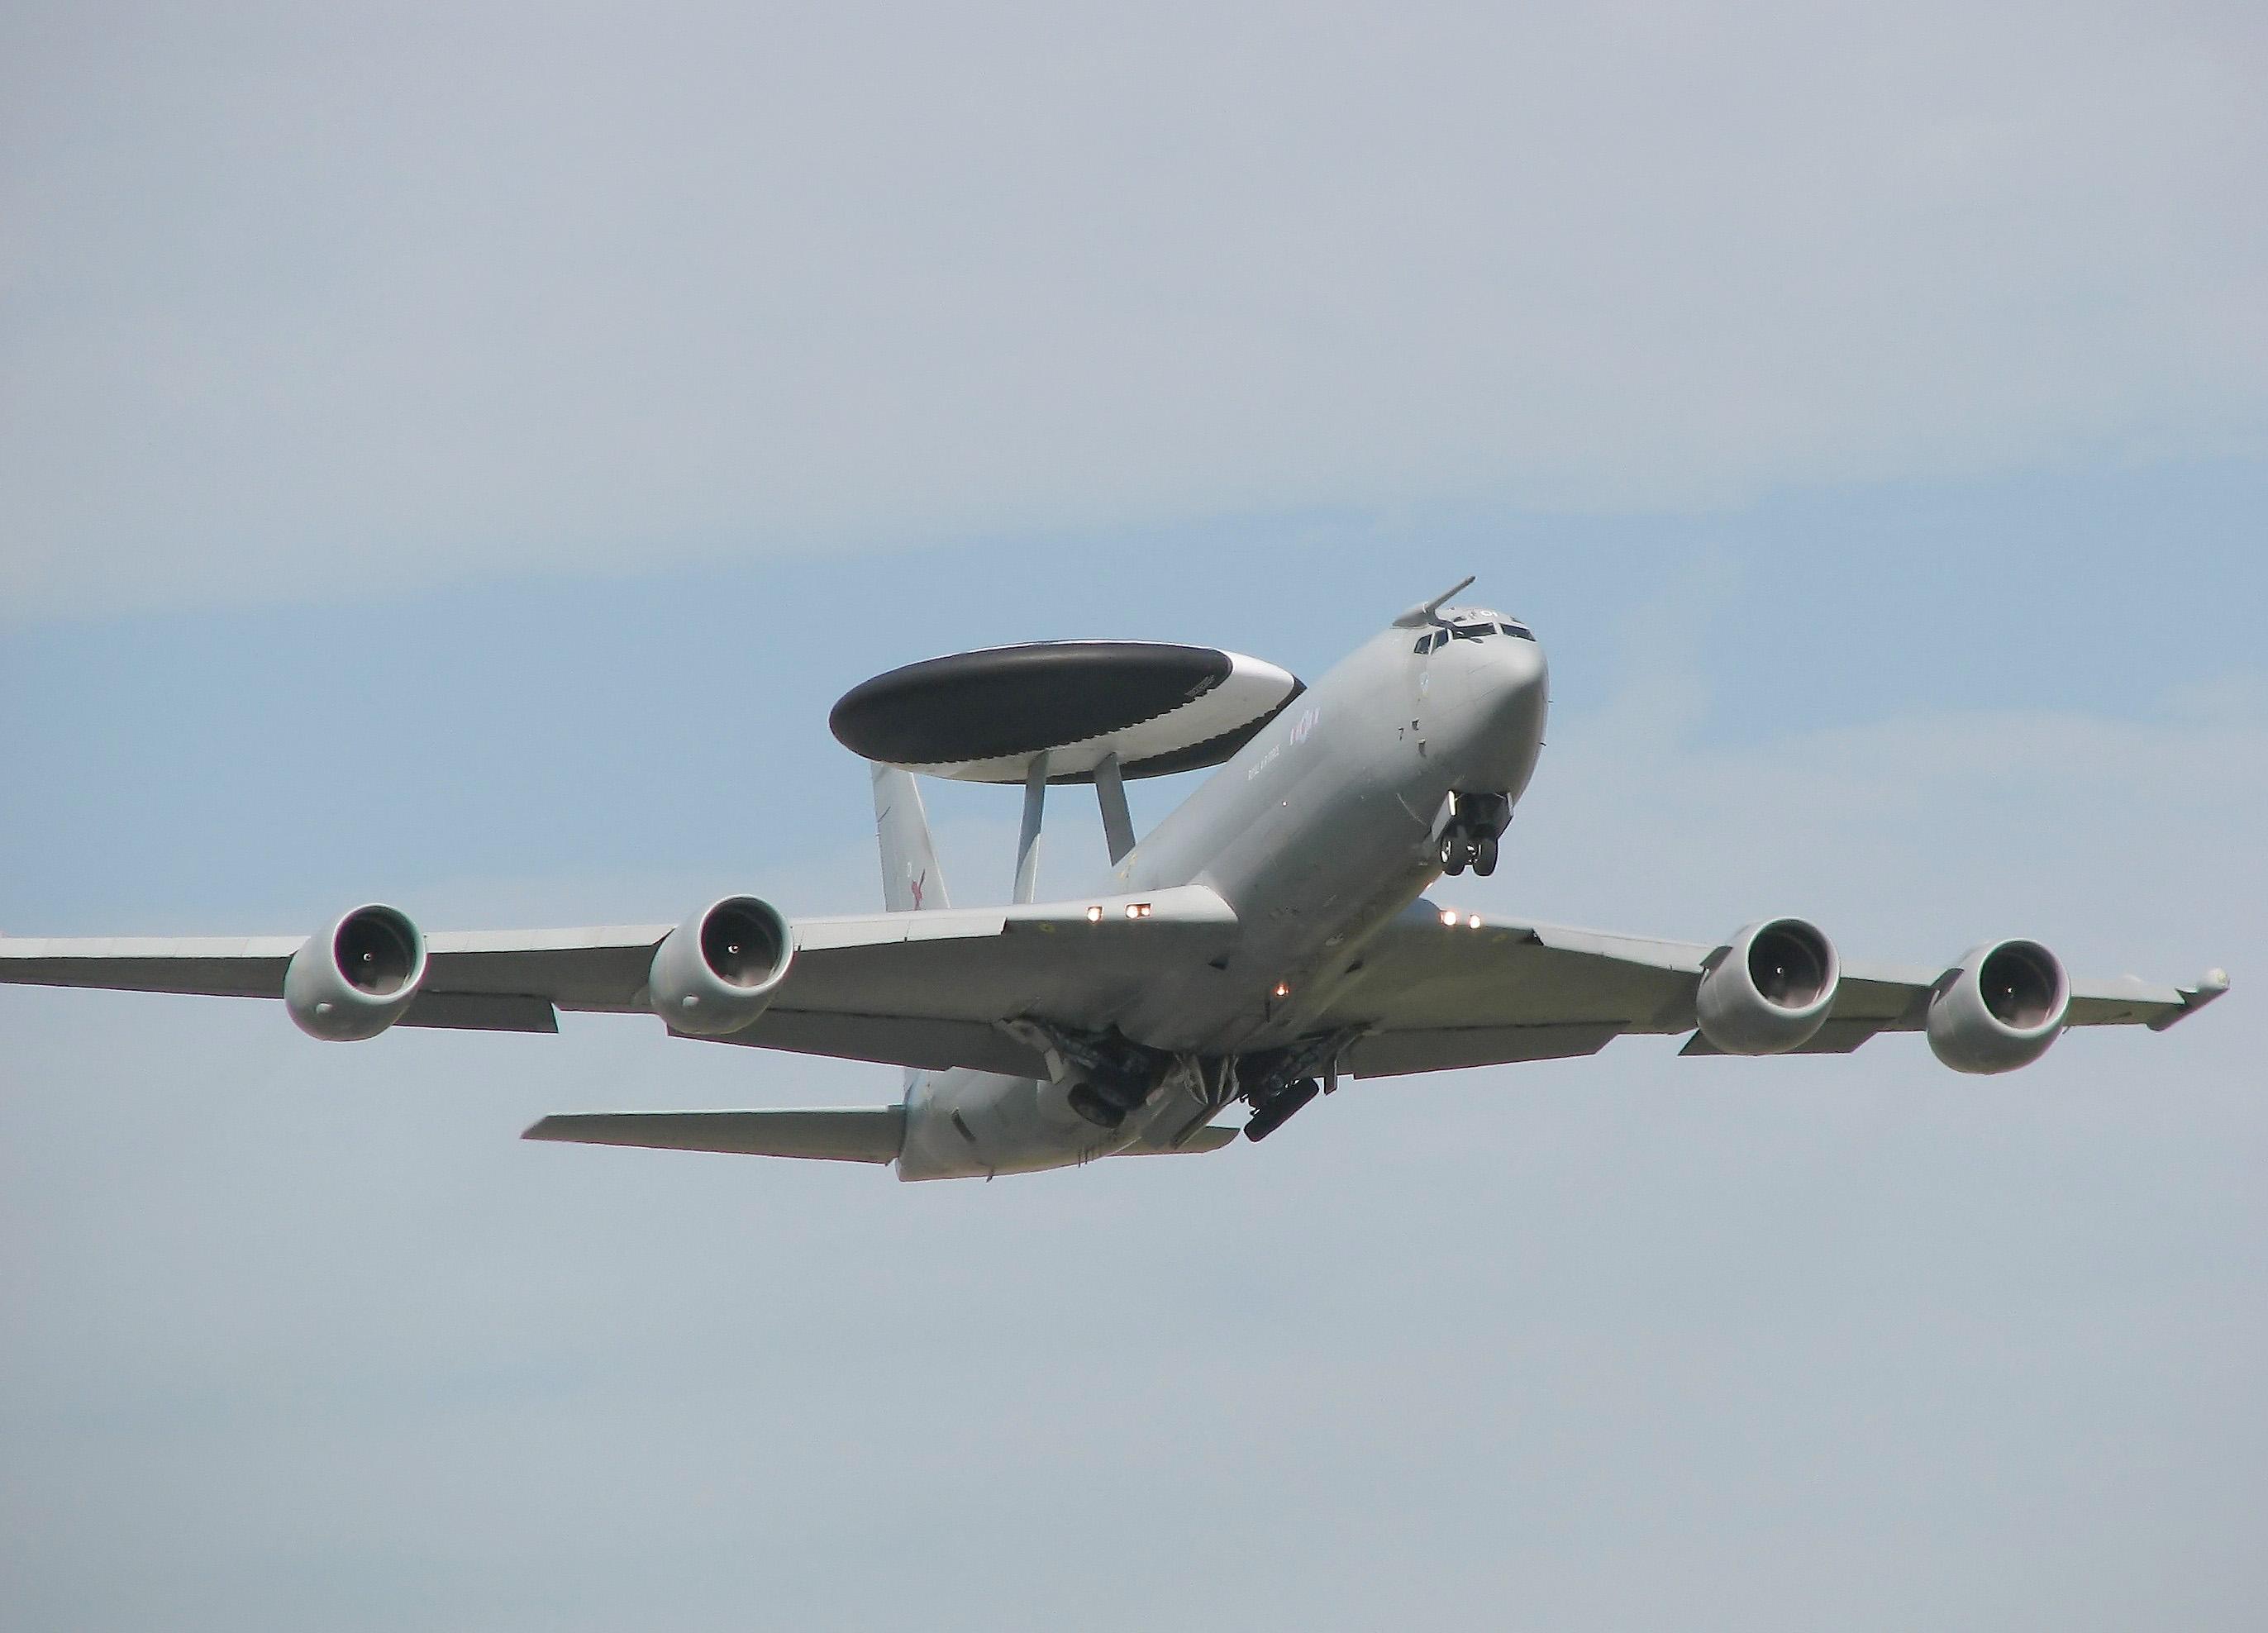 Обои истребители, Royal Air Force, сопровождение, самолеты, Red arrows, транспортный, Airbus A400M Atlas, четырёхмоторный, Красные стрелы. Авиация foto 16